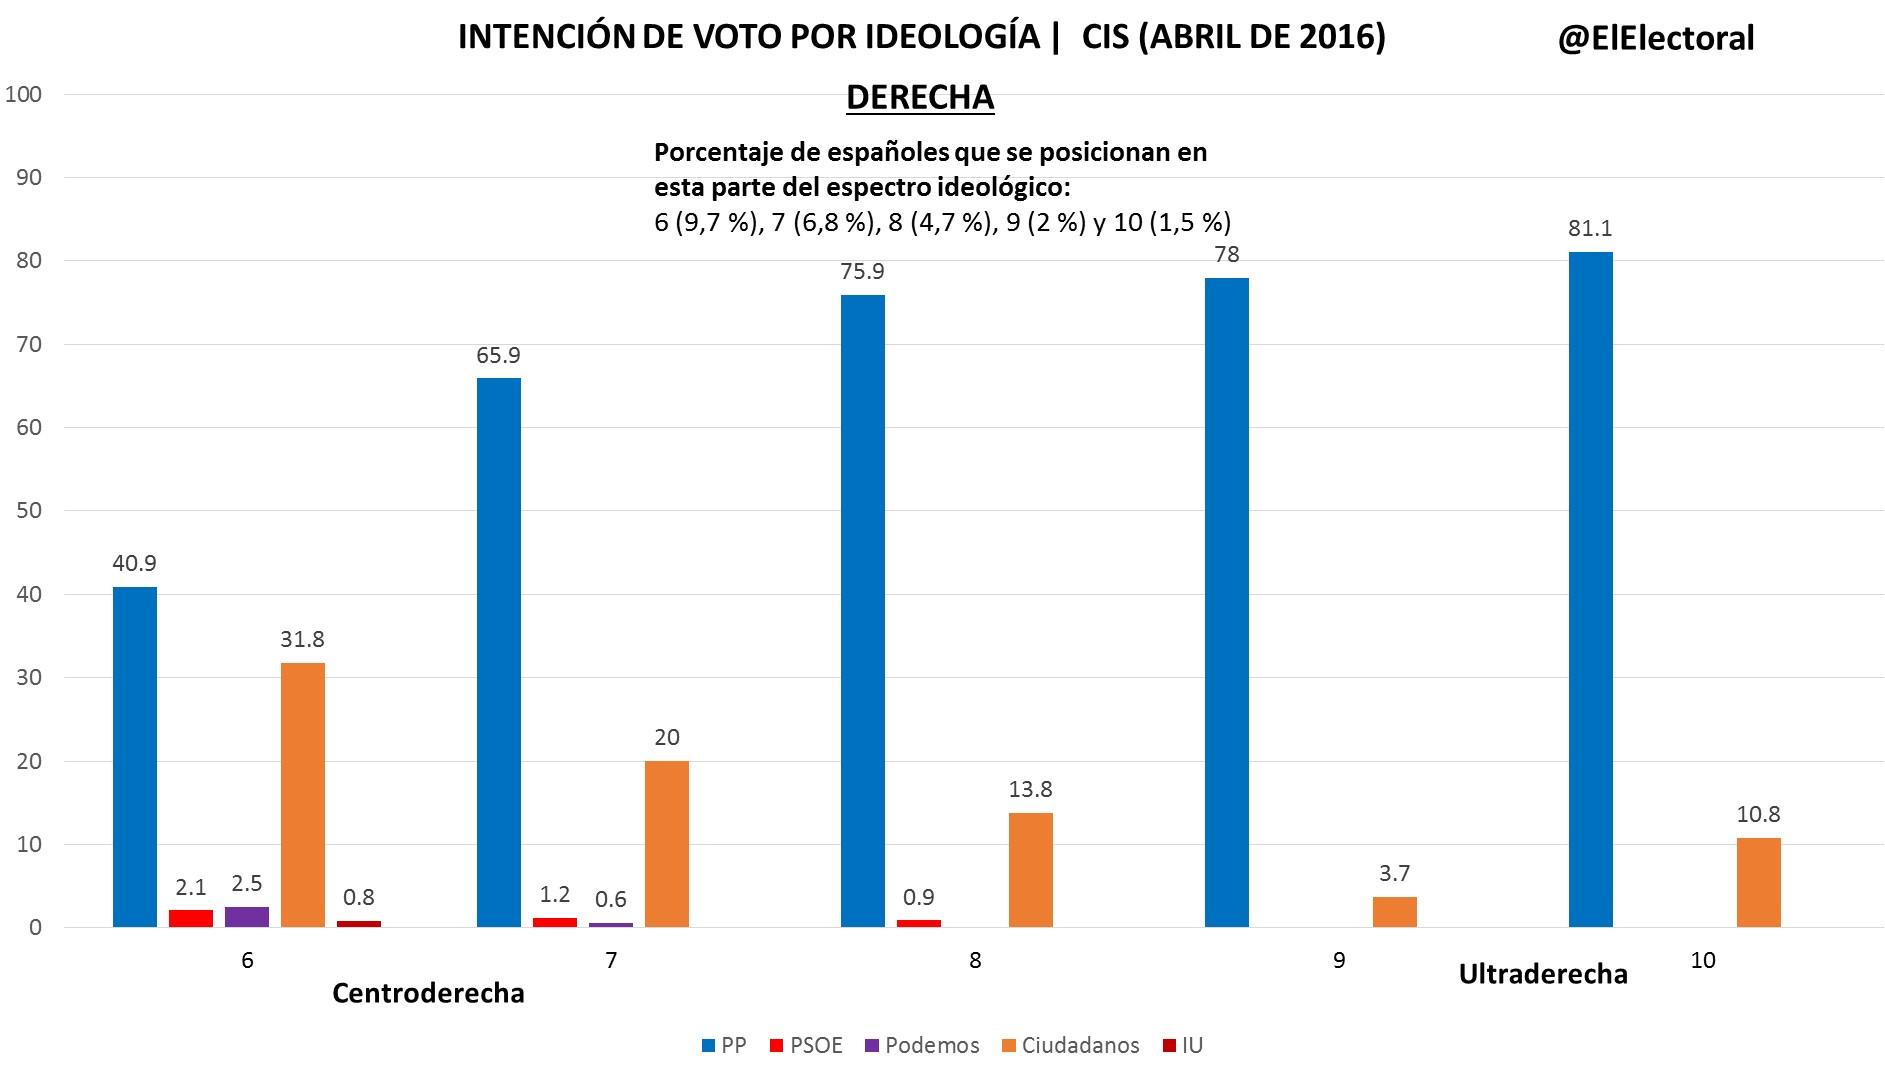 Voto por ideología (Derecha)